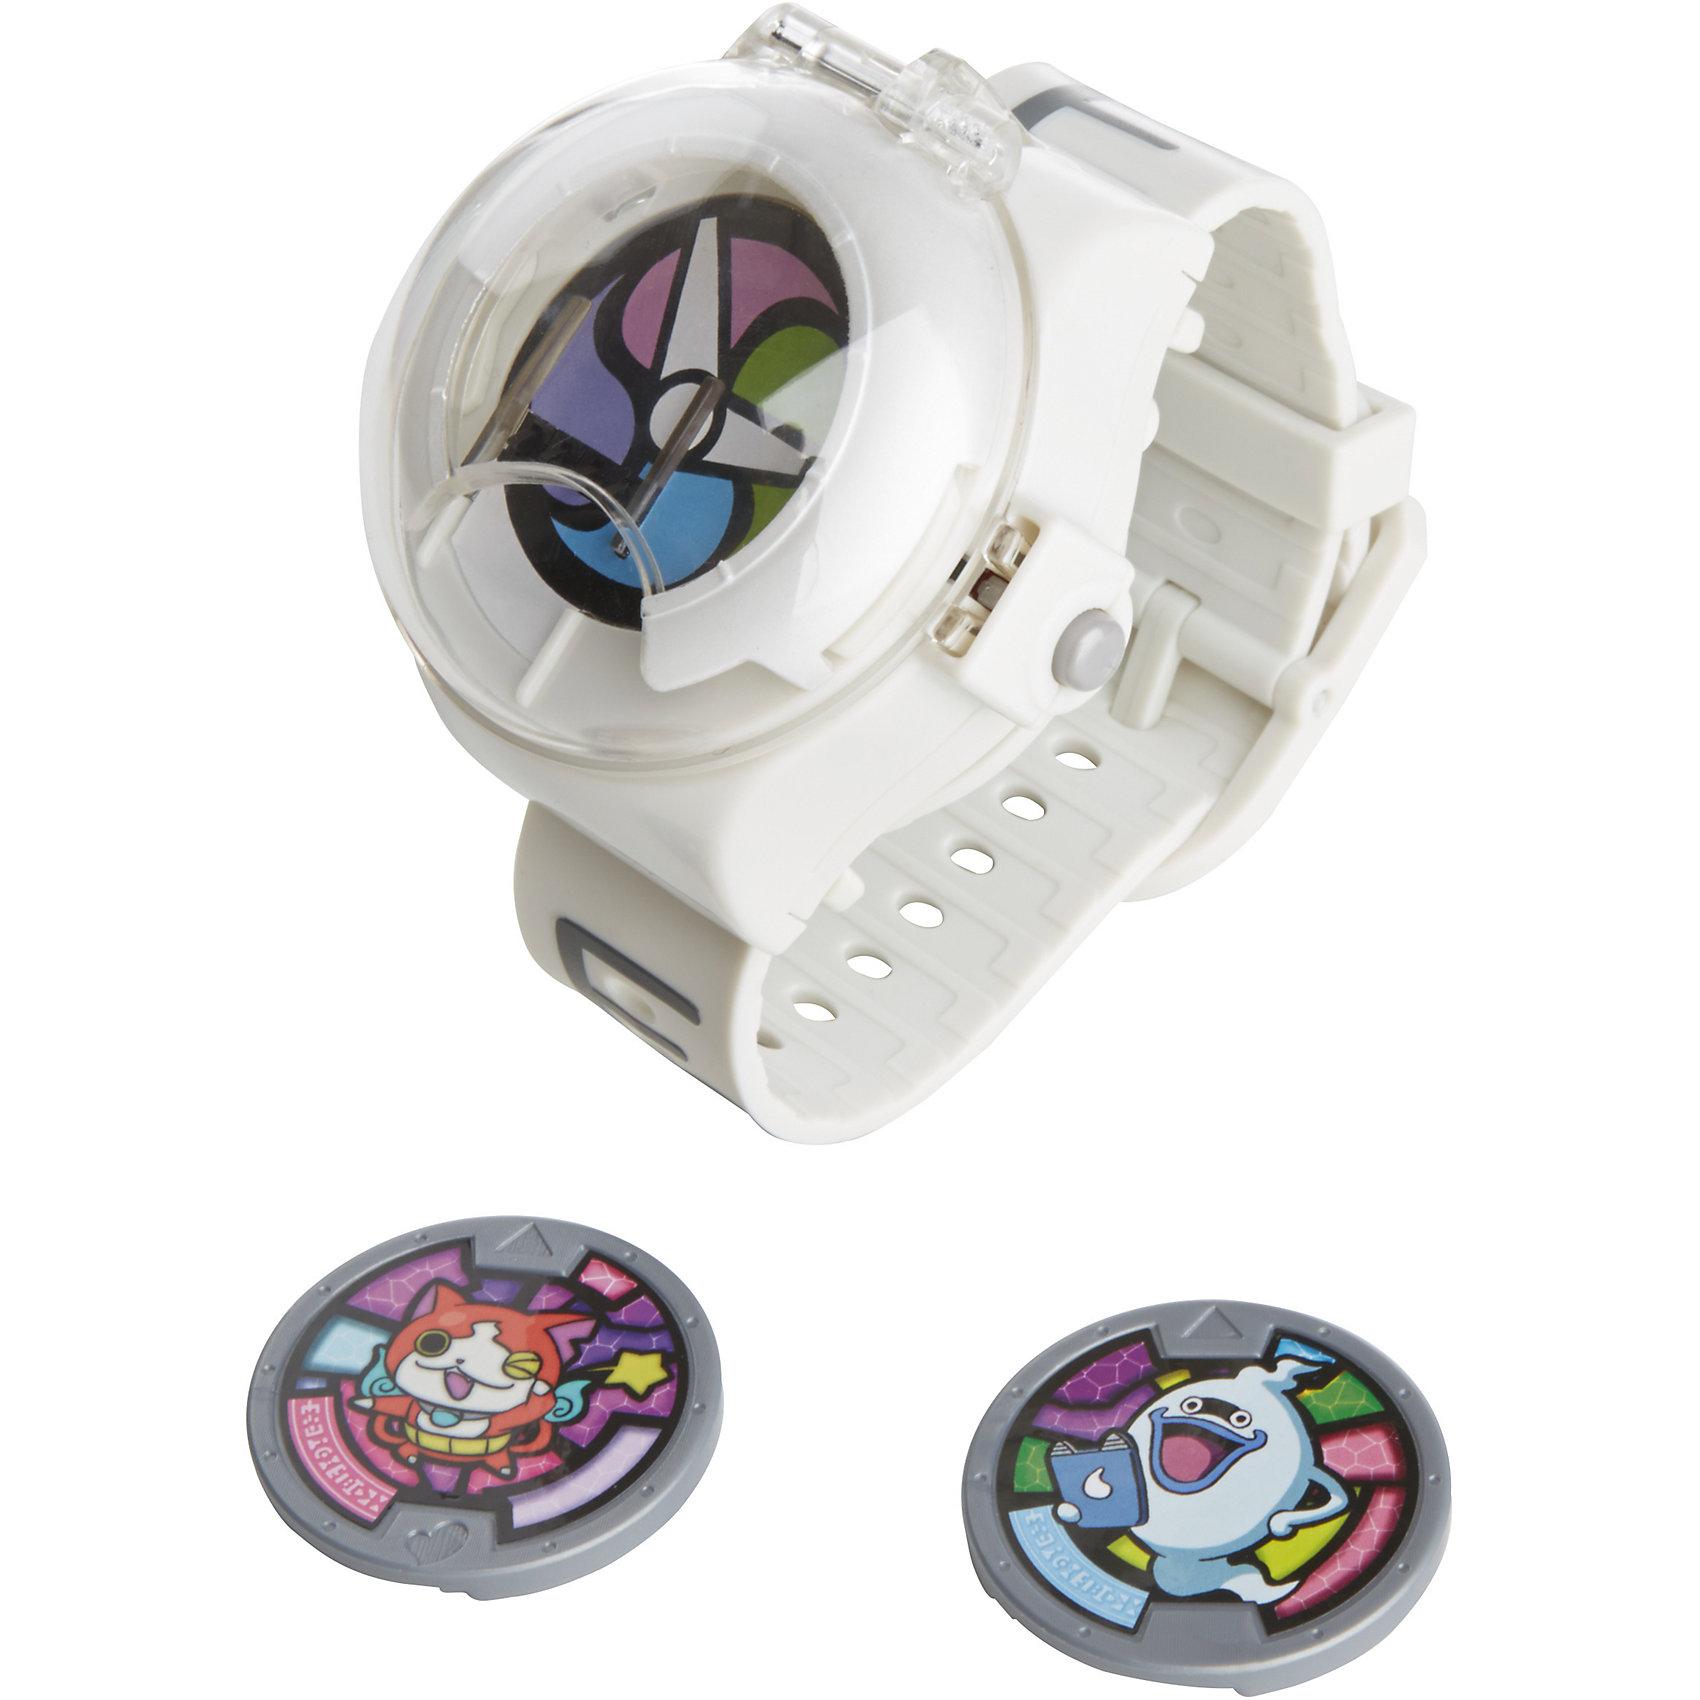 Часы, Йо-кай вотчСюжетно-ролевые игры<br>Часы, Йо-кай вотч<br><br>Характеристики:<br><br>• воспроизводят звуки<br>• в комплекте: часы, 2 медали, инструкция<br>• материал: пластик<br>• размер упаковки: 16,5х7,6х27,9 см<br>• вес: 131 грамм<br>• батарейки: A76 1.5V - 3 шт. (входят в комплект)<br><br>Наручные часы понравится каждому любителю аниме Йо-кай Вотч. Игрушка является копией гаджета главного героя мультфильма. В комплект входят 2 медали. Поместив их в часы, ребенок услышит имя, мелодии и звуки мультфильма. Кроме того, можно отсканировать QR-код, расположенный на медали и придумать еще больше интересных игр с духами!<br><br>Часы, Йо-кай вотч вы можете купить в нашем интернет-магазине.<br><br>Ширина мм: 76<br>Глубина мм: 165<br>Высота мм: 279<br>Вес г: 211<br>Возраст от месяцев: 48<br>Возраст до месяцев: 120<br>Пол: Мужской<br>Возраст: Детский<br>SKU: 4984143